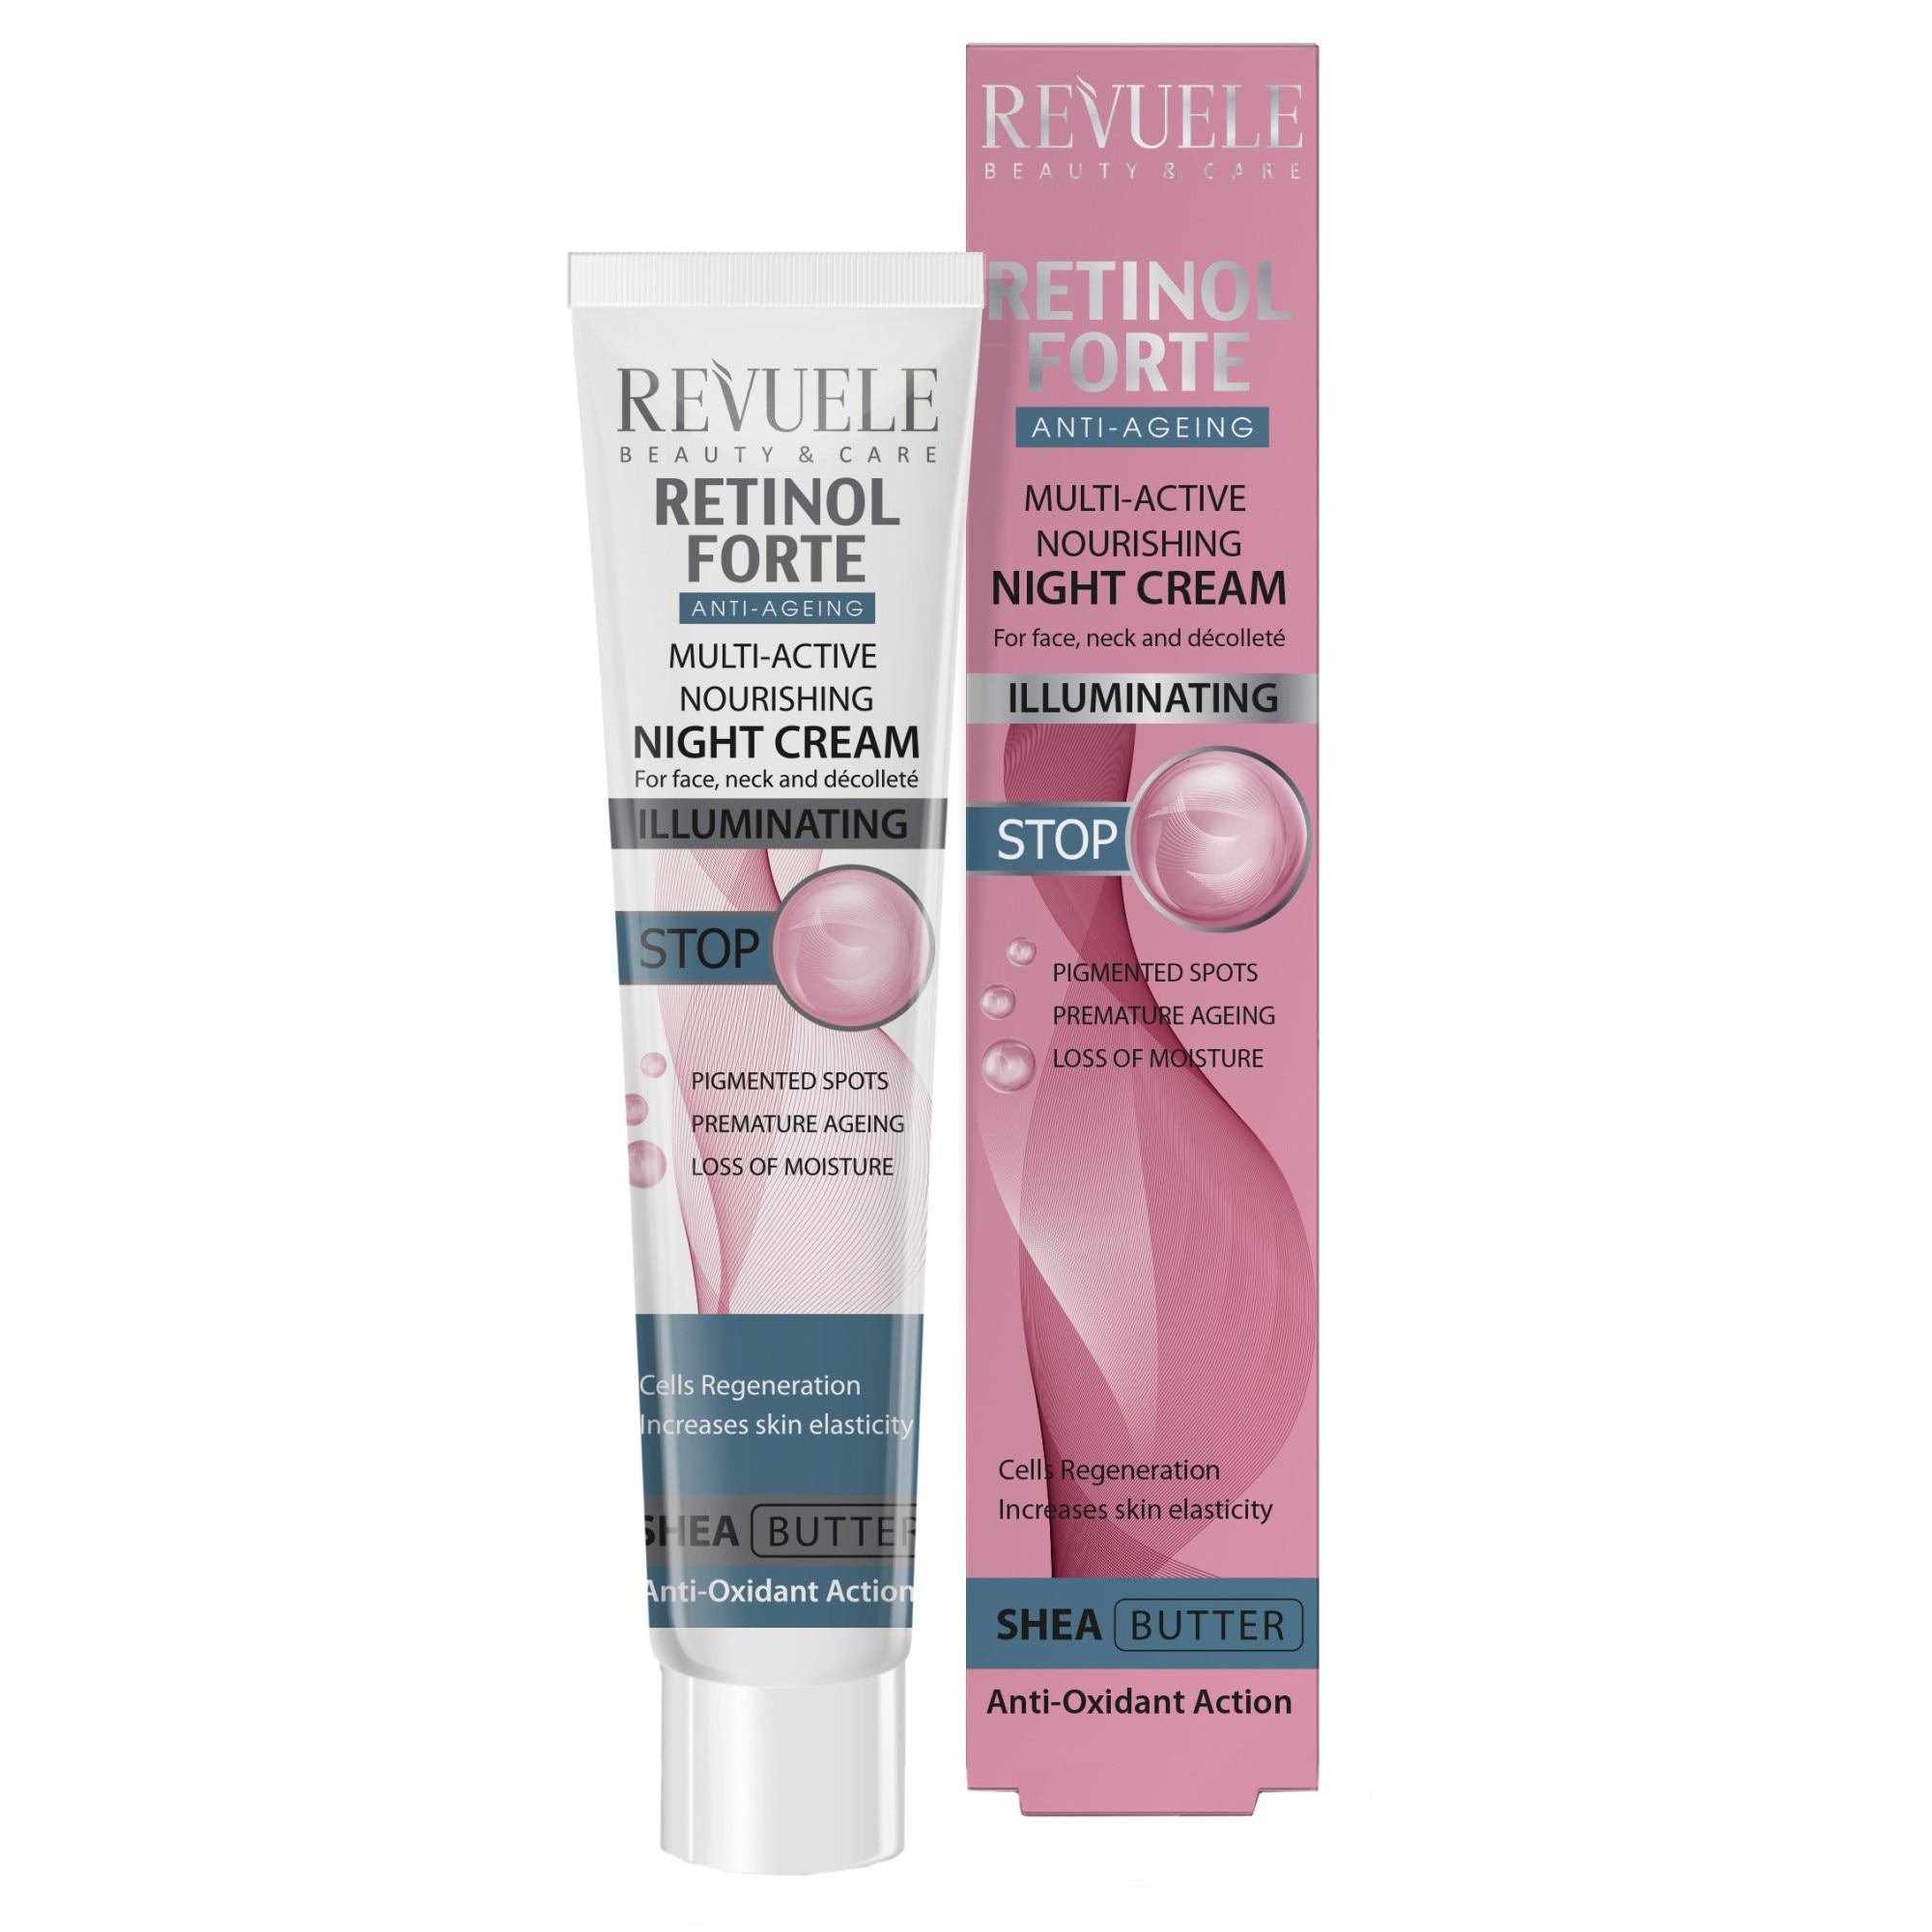 Revuele Retinol Forte Multi-Active Nourishing Night Cream 50ml